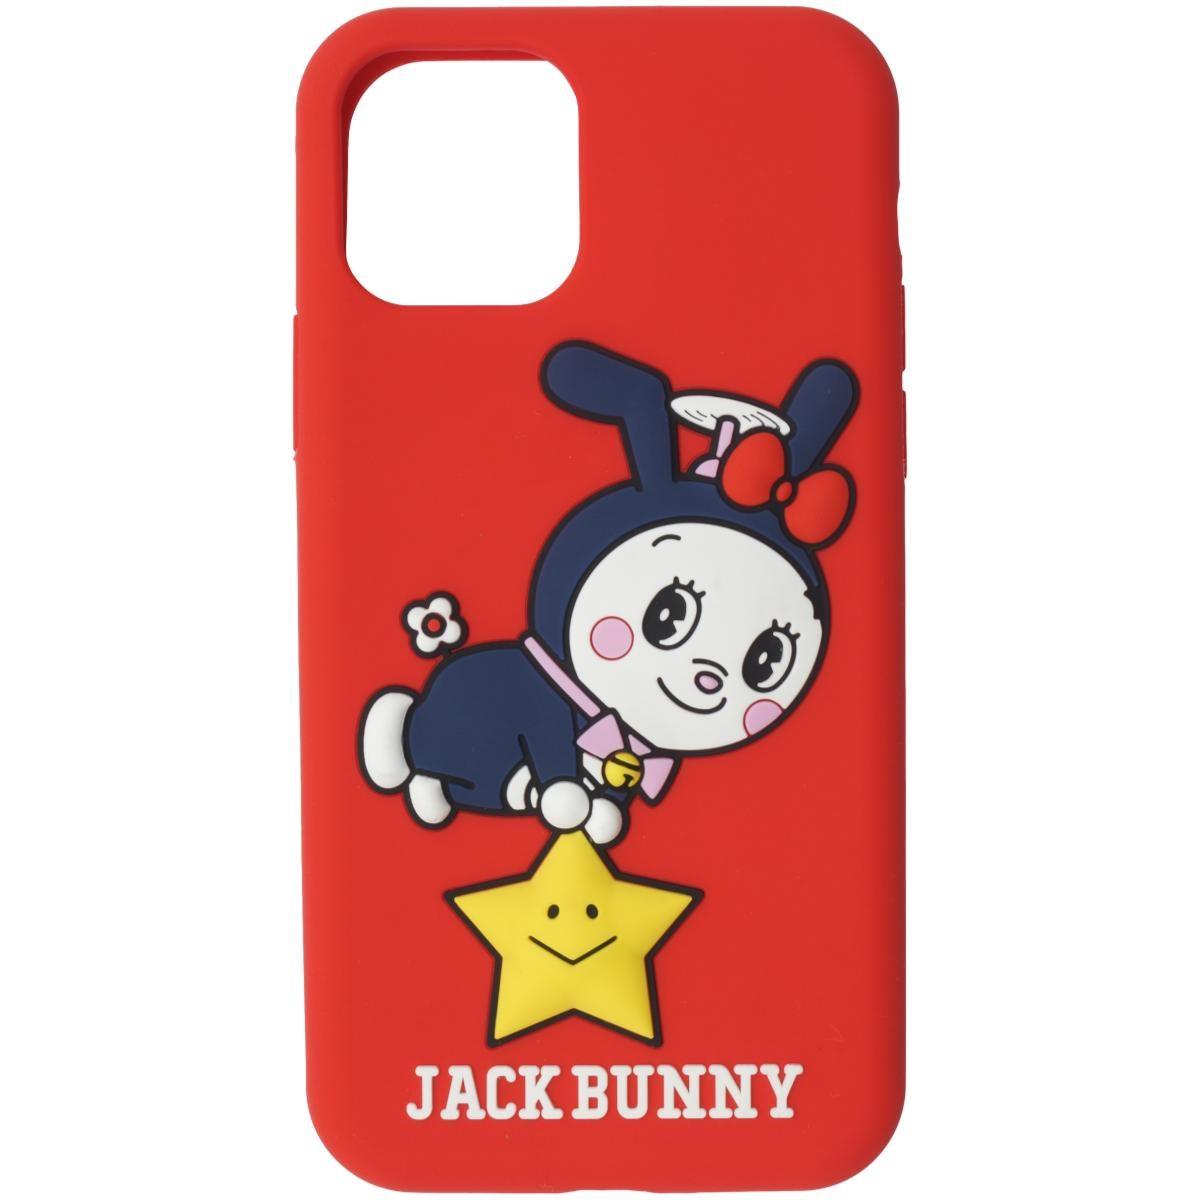 ジャックバニー バイ パーリーゲイツ ドラえもん 願い星iPhoneケース 11PRO対応